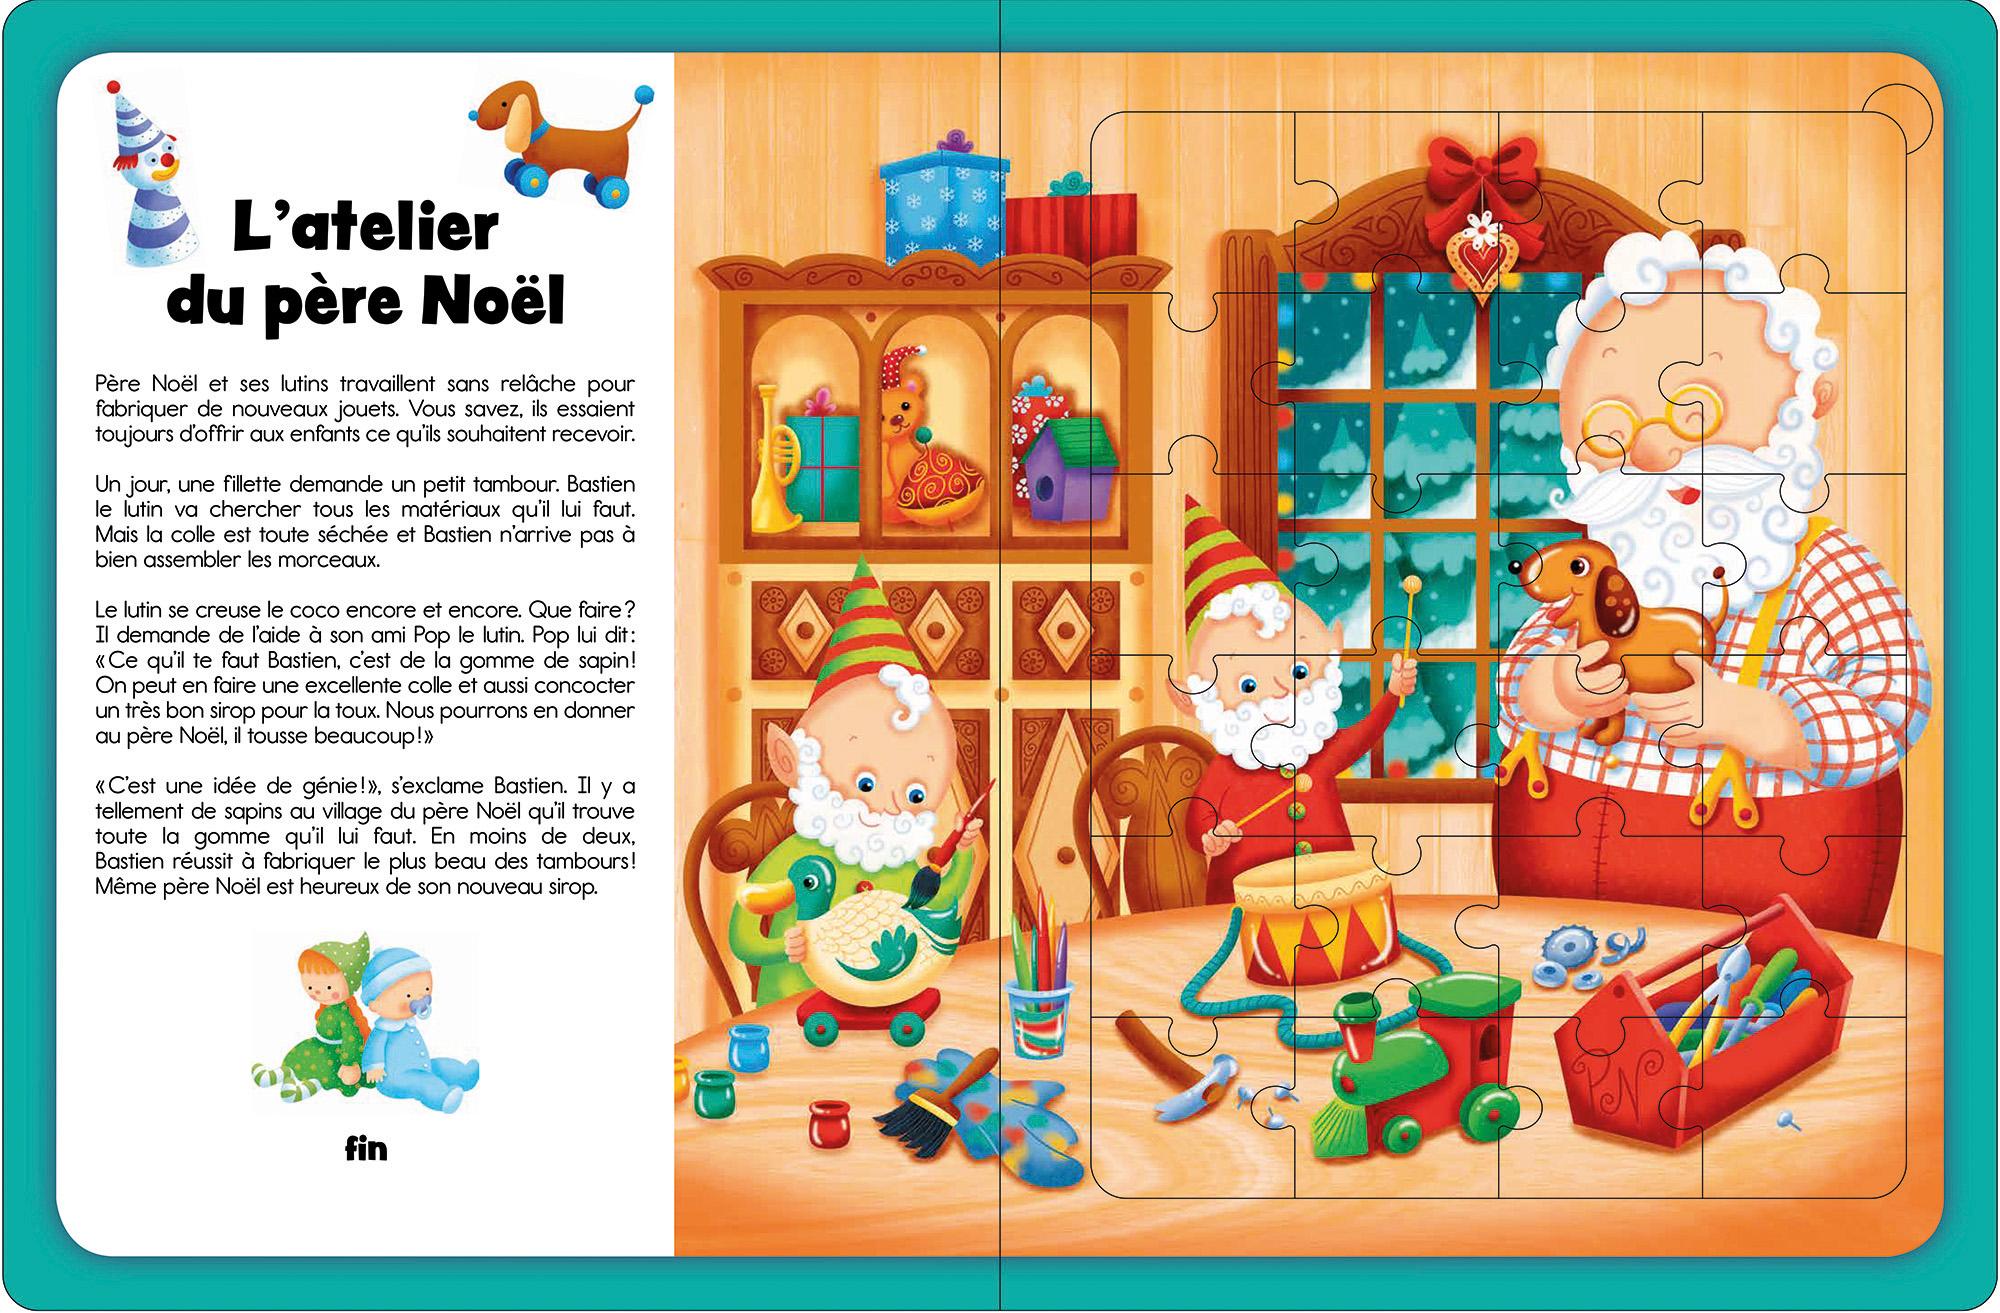 livre casse-tête Mes plus belles histoires d'animaux publié chez Pomango et illustré par Isabelle Charbonneau